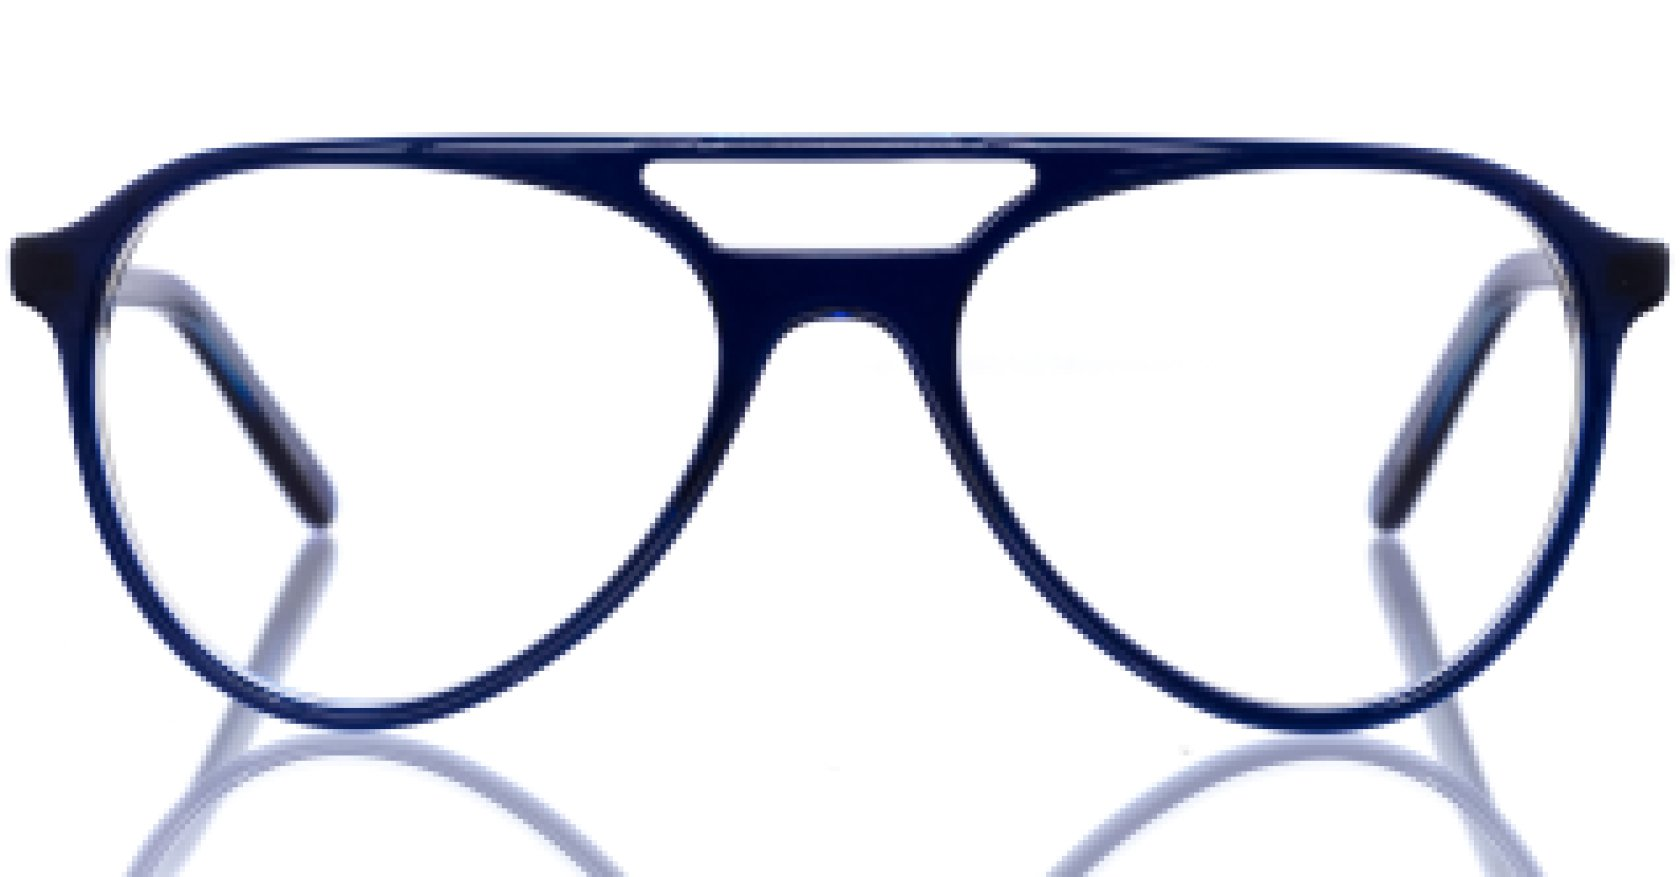 imagen miniatura frontal de la referencia 1002826